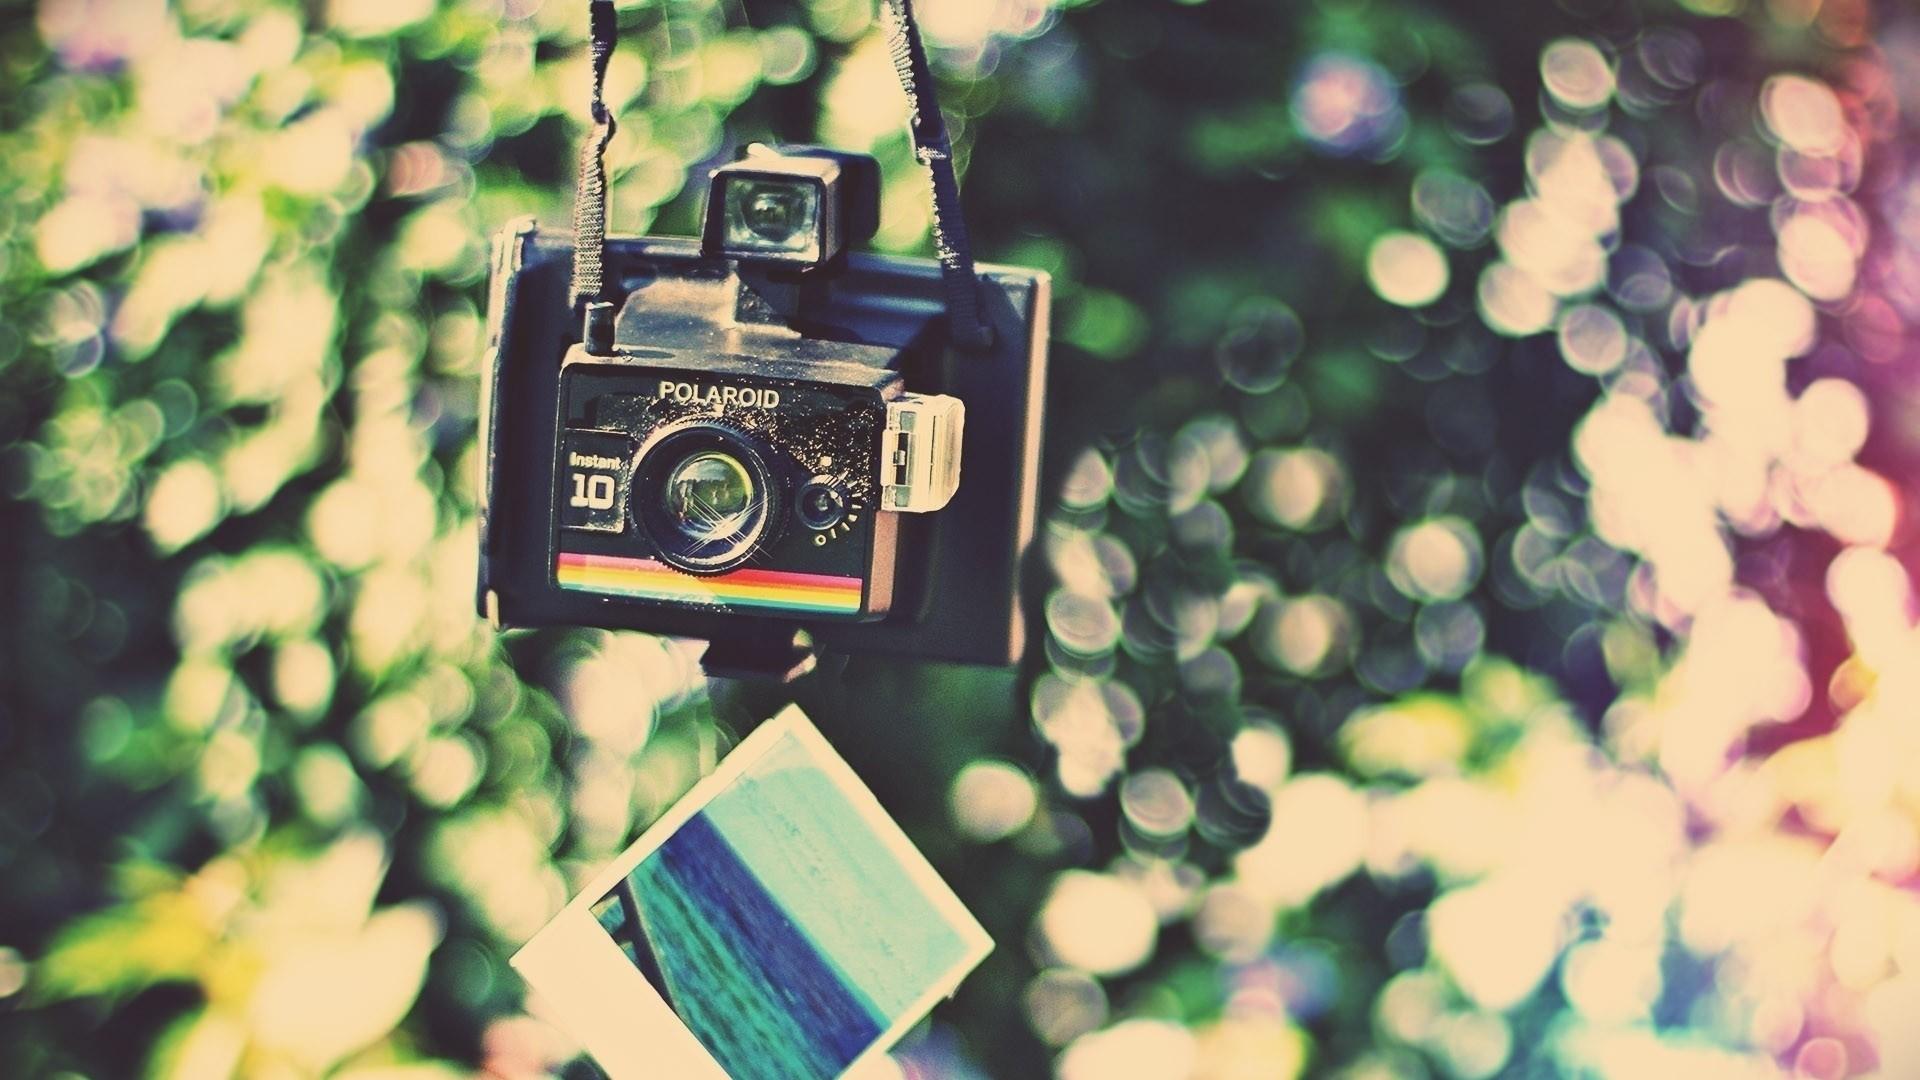 Polaroid Wallpaper theme